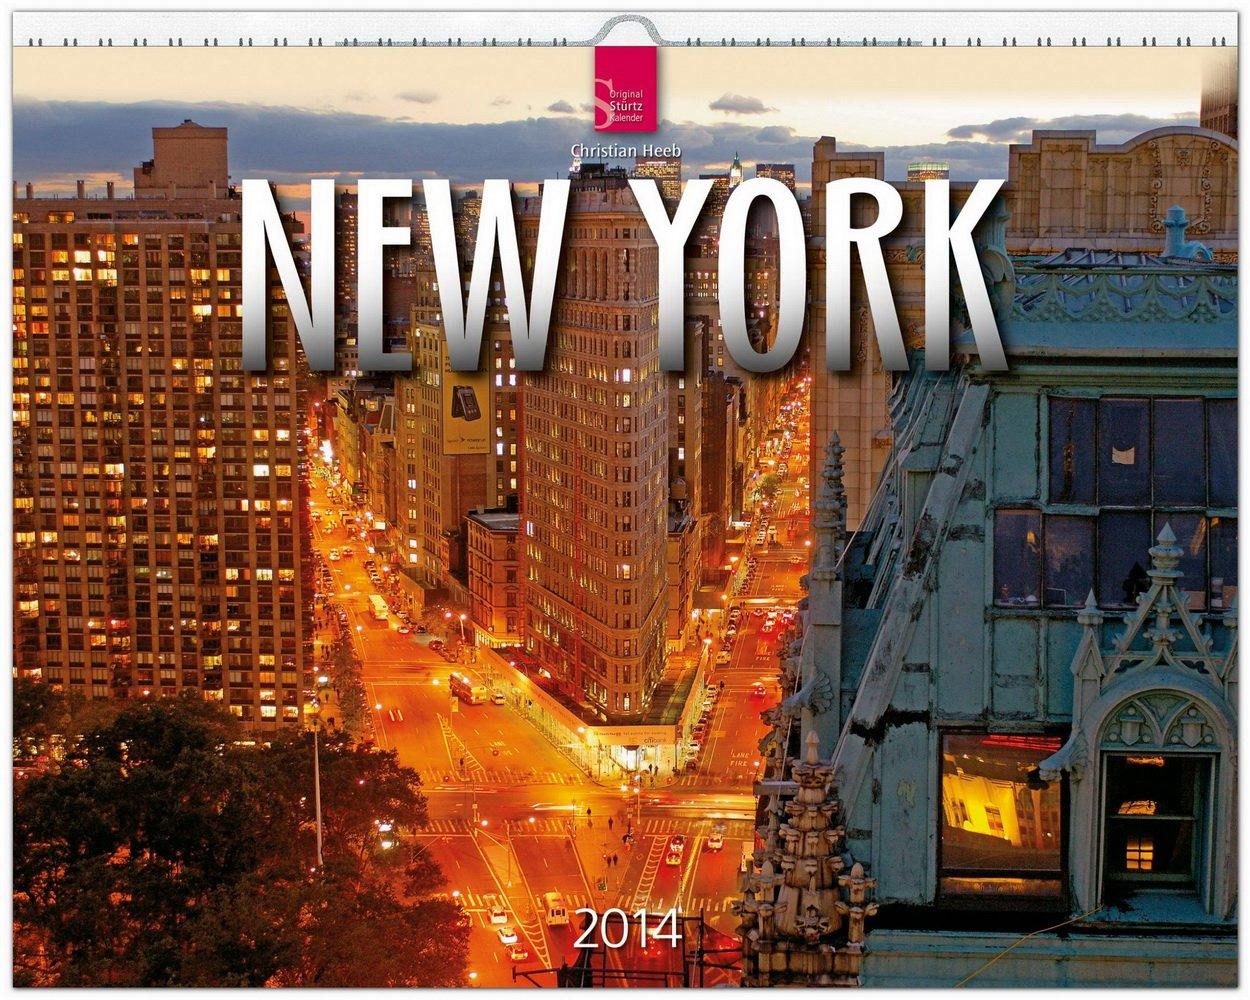 New York 2014: Original Stürtz-Kalender - Großformat-Kalender 60 x 48 cm [Spiralbindung]